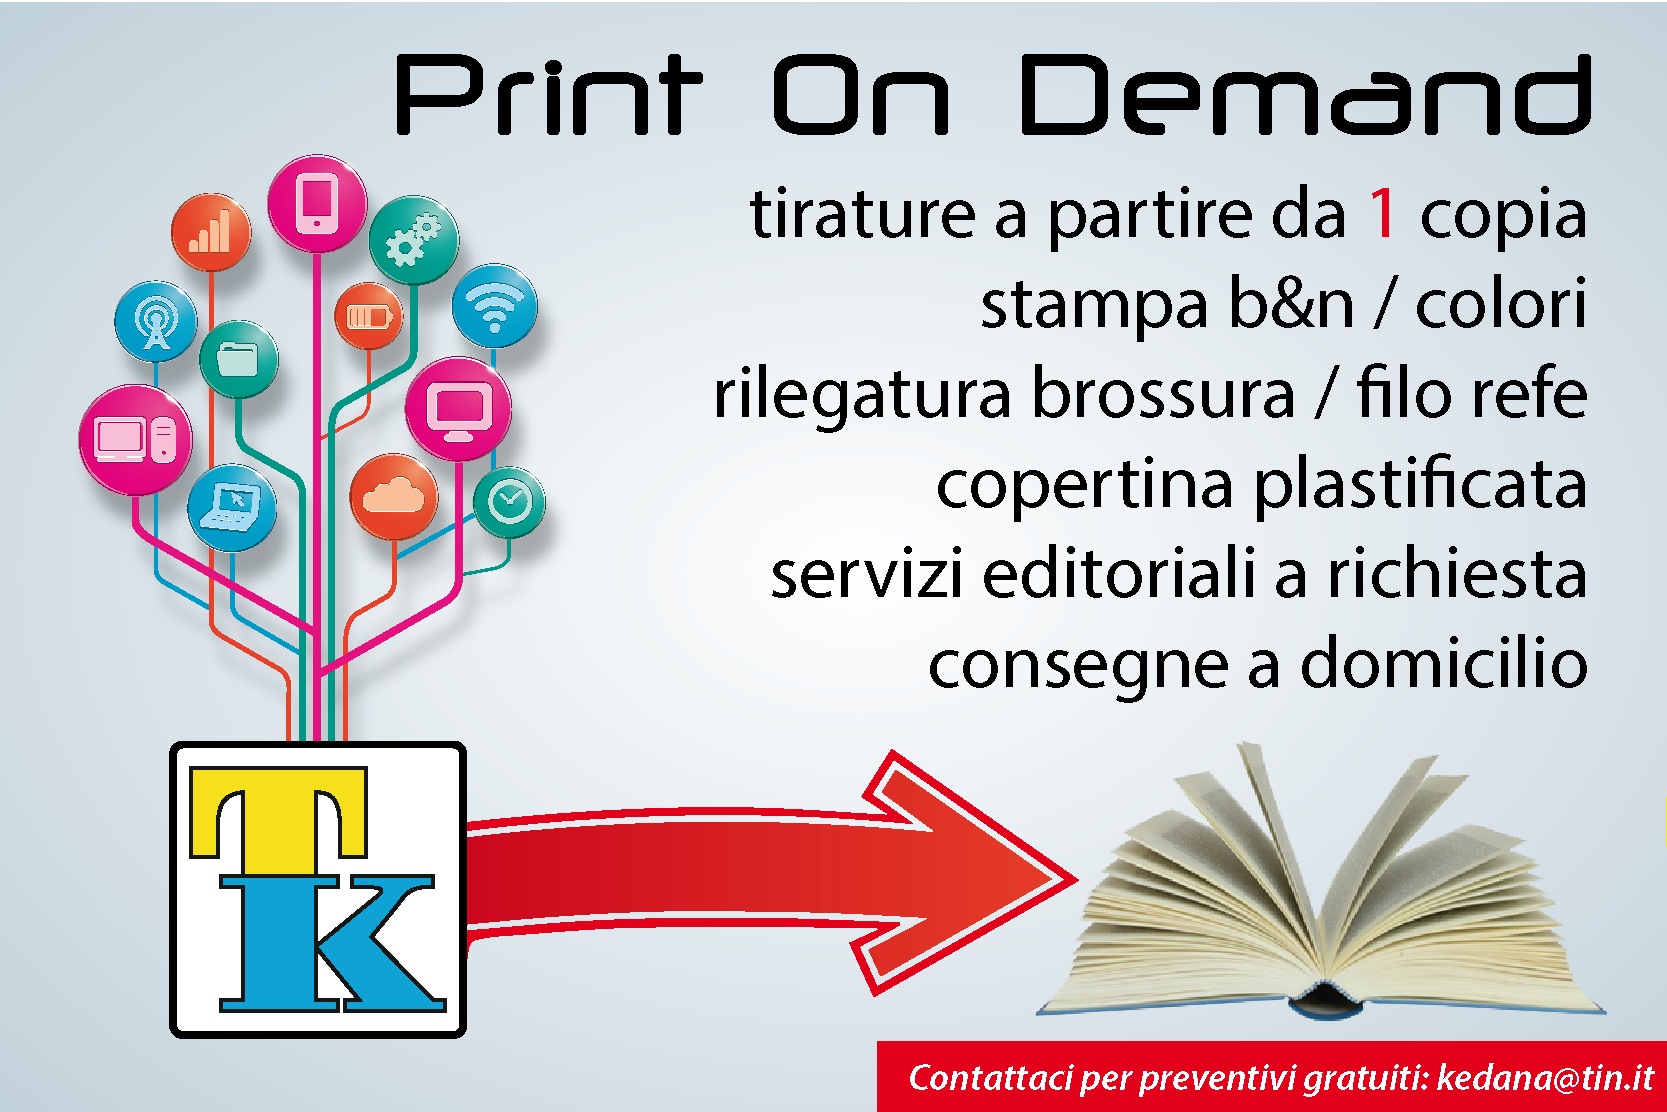 Casa Editrice Edizioni Paguro - 089821723 Vuoi pubblicare il tuo libro Pubblica il tuo libro  editrice comuni bonelli scrittore Editrice